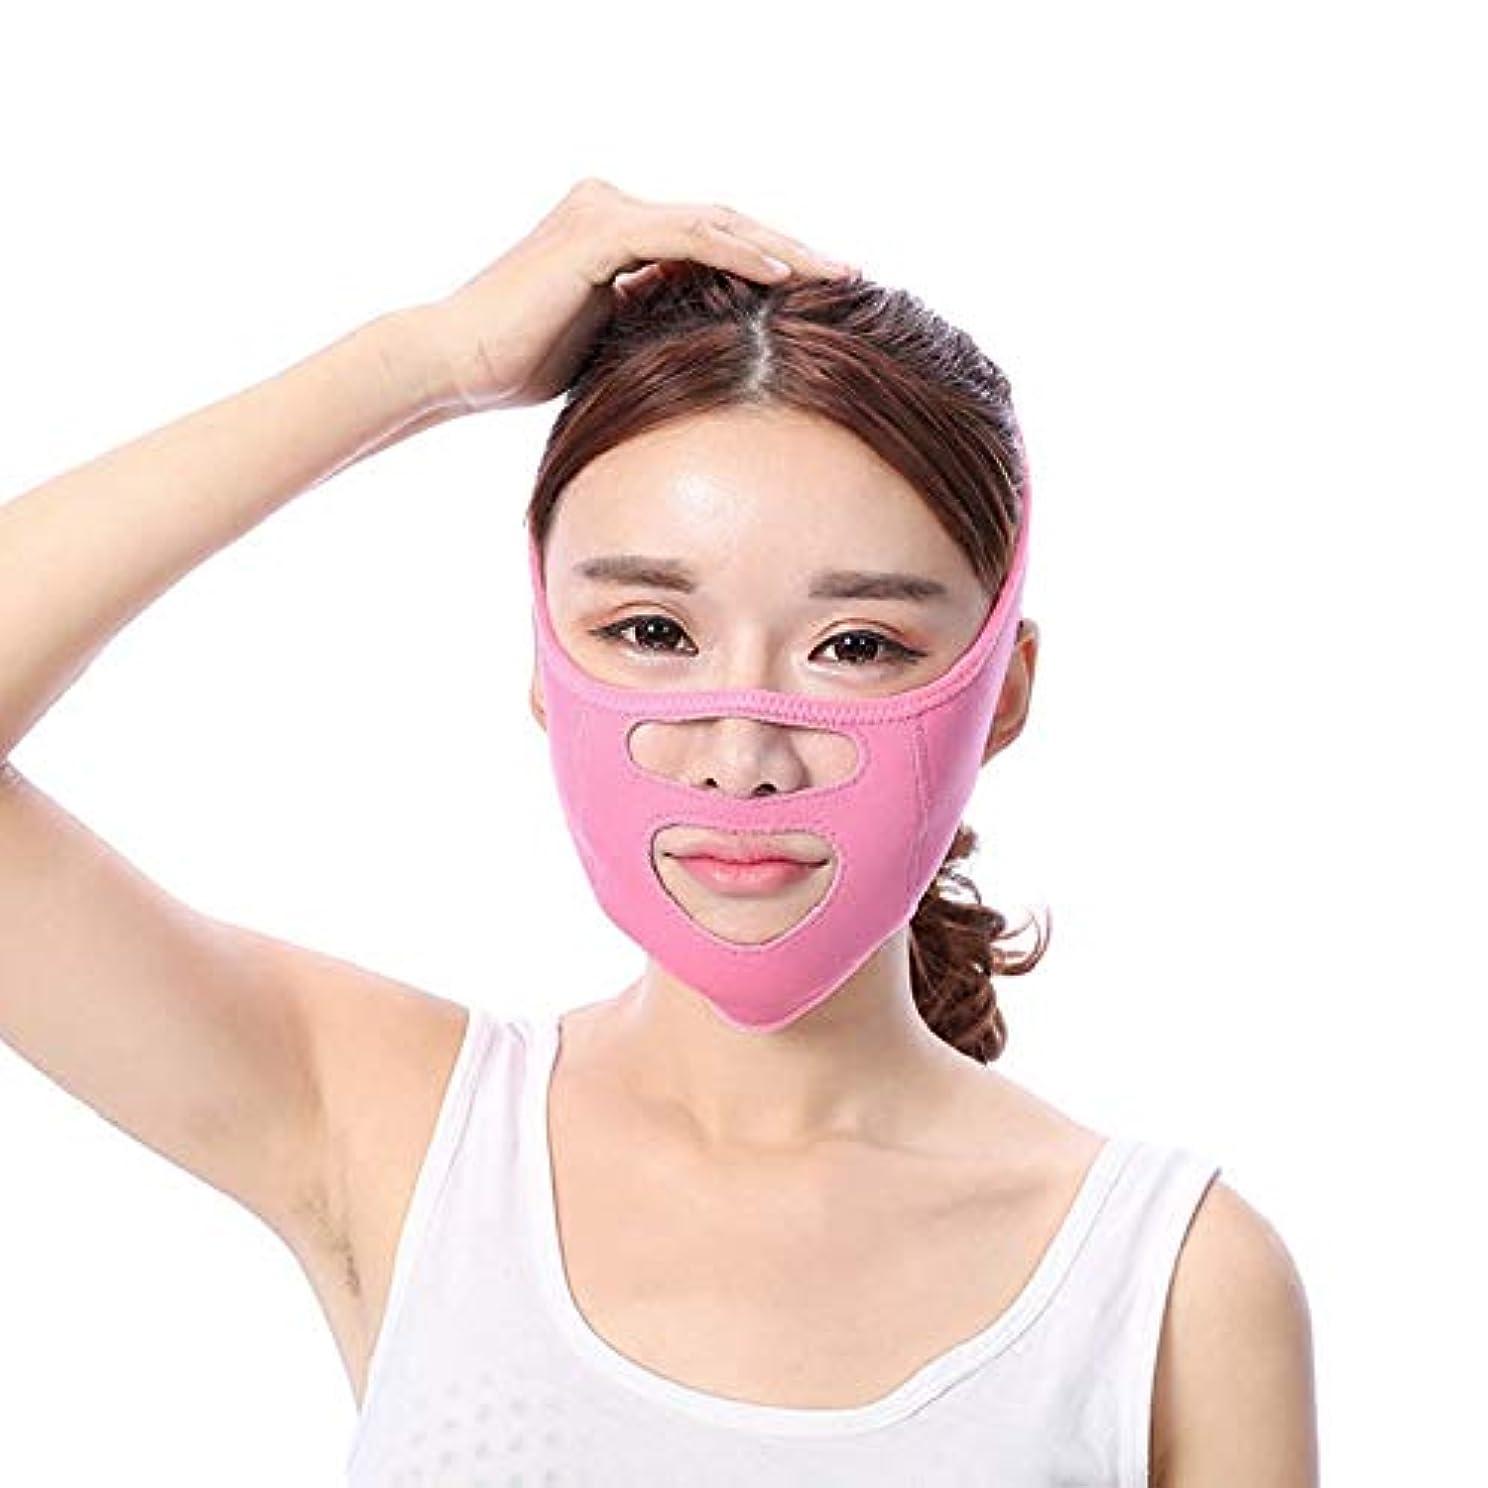 ソーセージ蜂静的顔の持ち上がる痩身ベルト - あなたの顔のための素晴らしいトレーニング二重あごのワークアウトフェイスマスクベルト薄い顔包帯整形マスクは顔と首を締めますフェイススリム